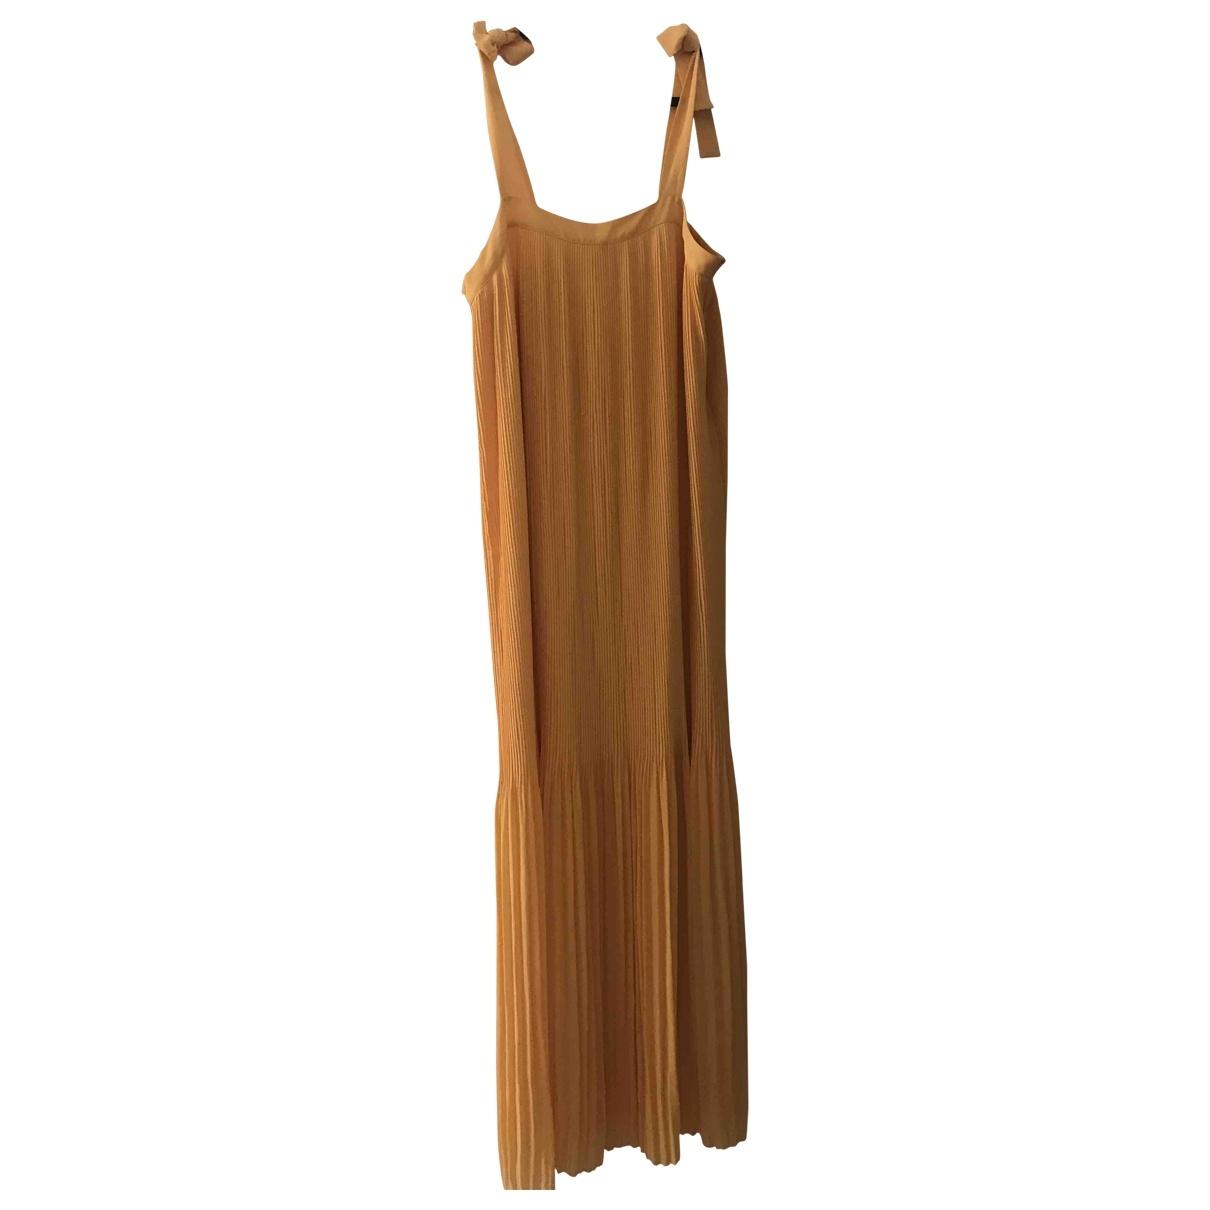 Samsoe & Samsoe \N Gold dress for Women L International